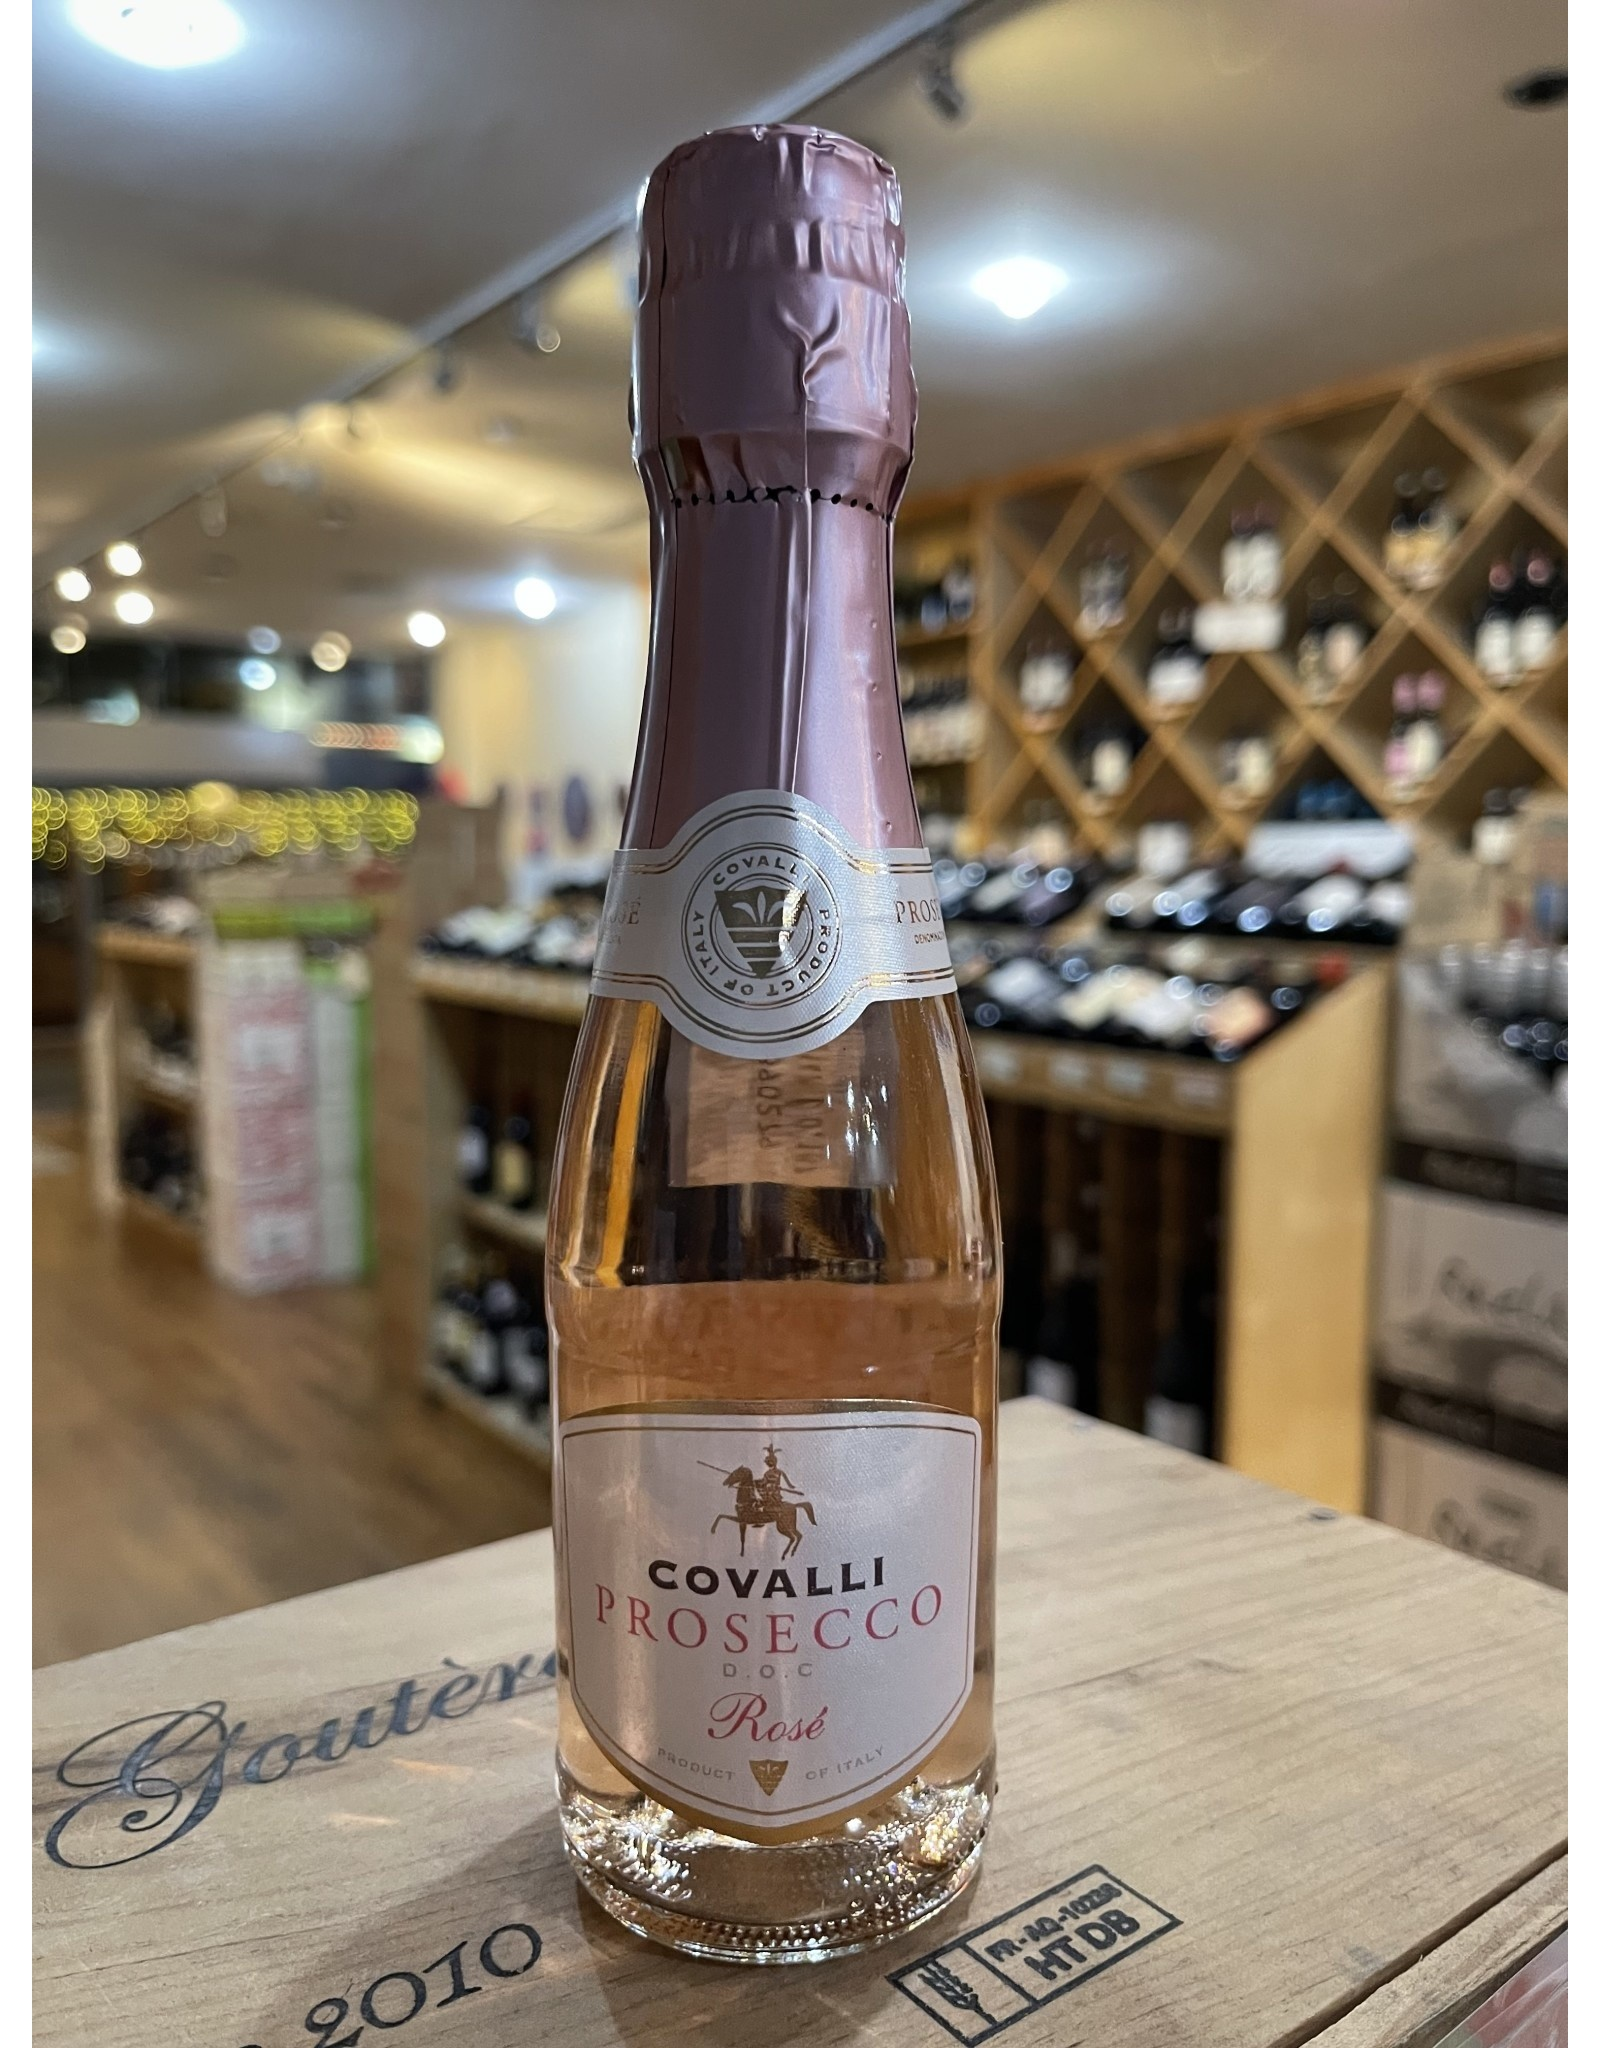 Italy Covalli Prosecco Rosé 187ml